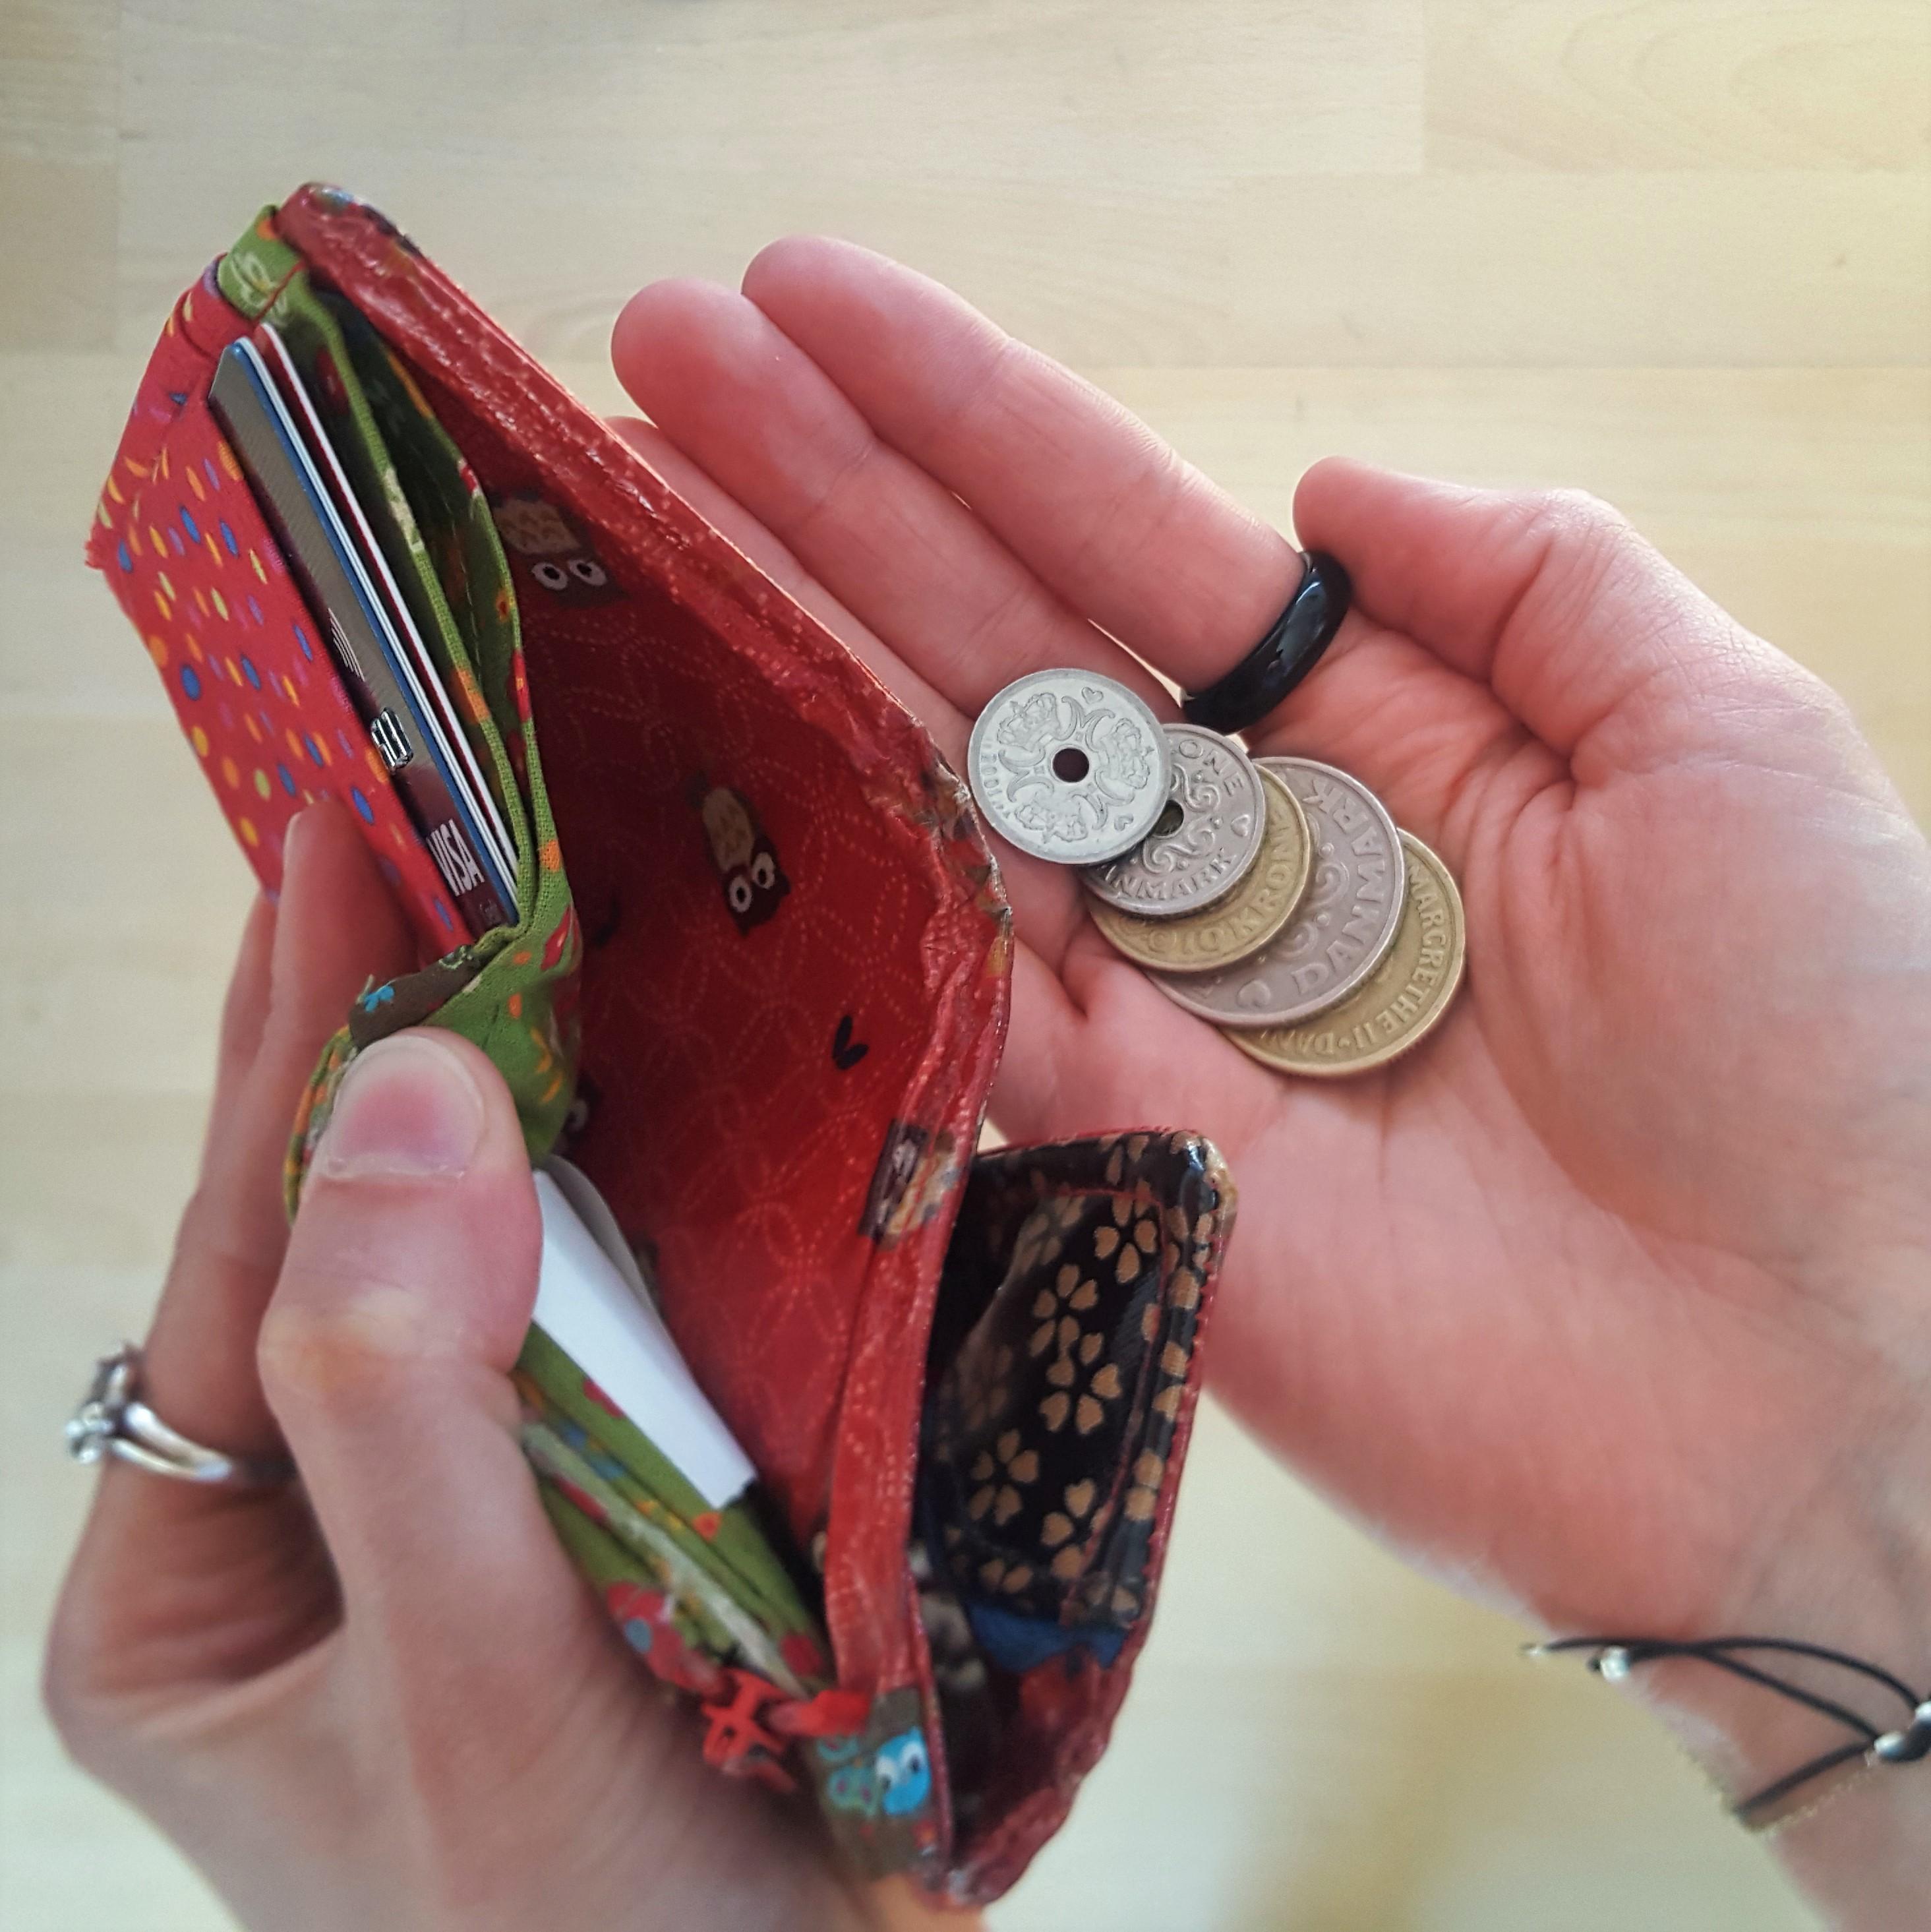 Finanzierungskrise?! Förderungsmöglichkeiten im Check